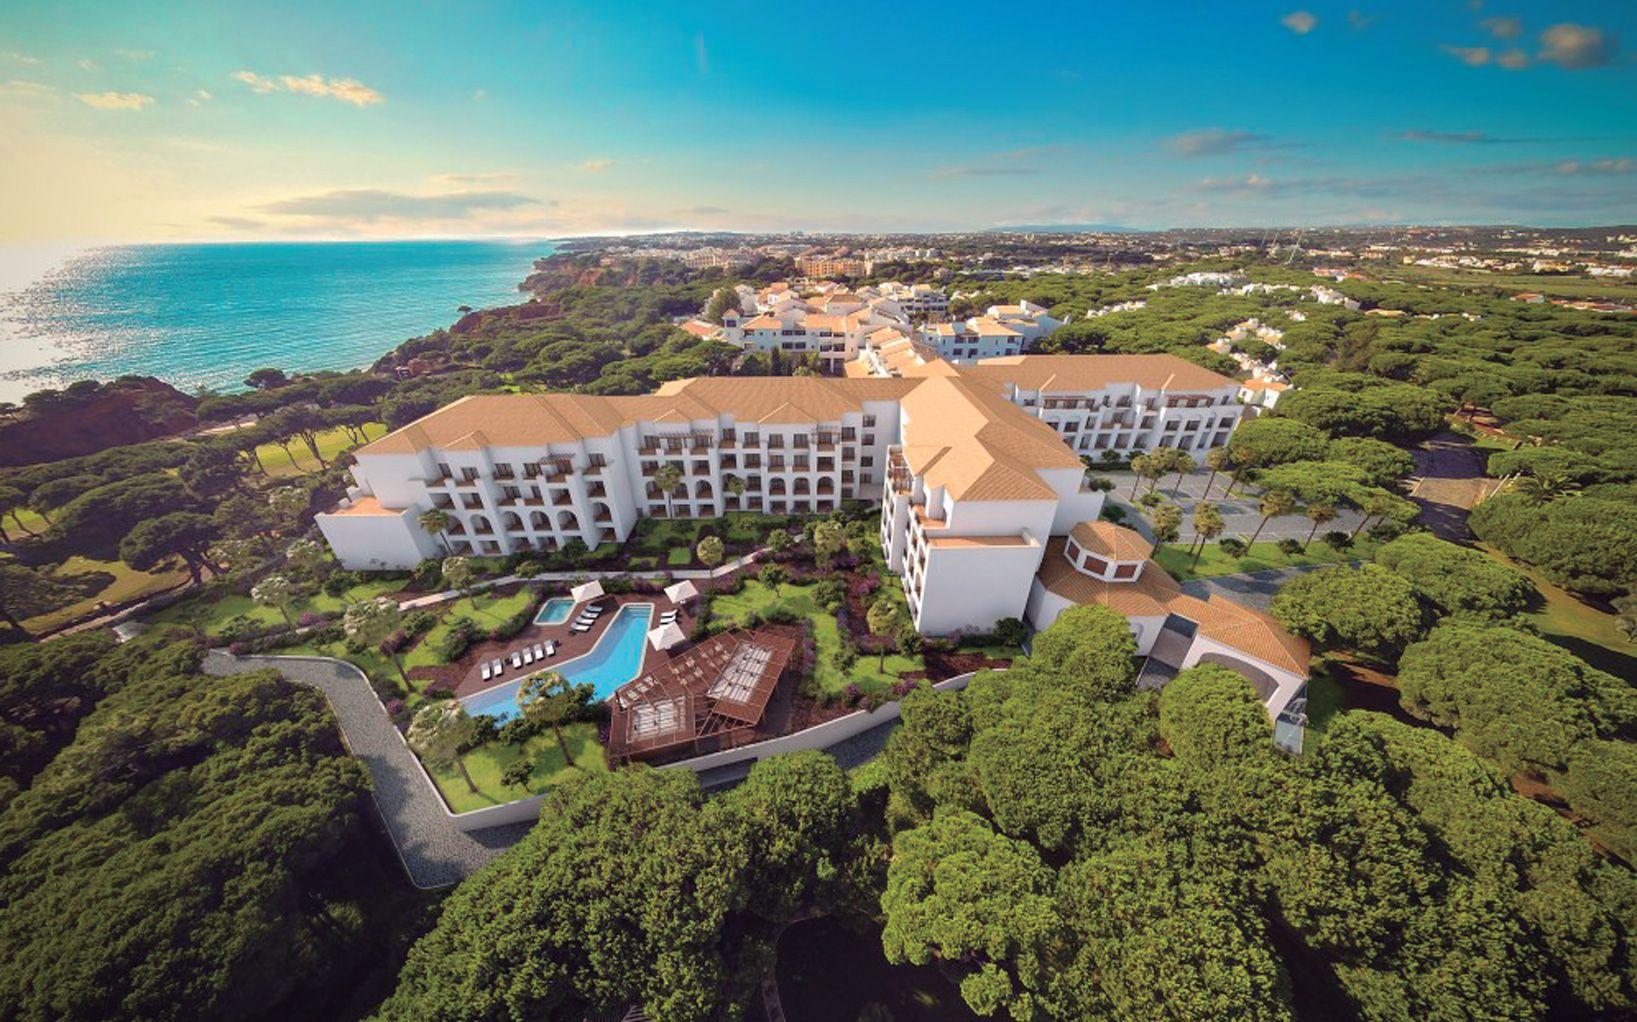 PineCliffs Resort